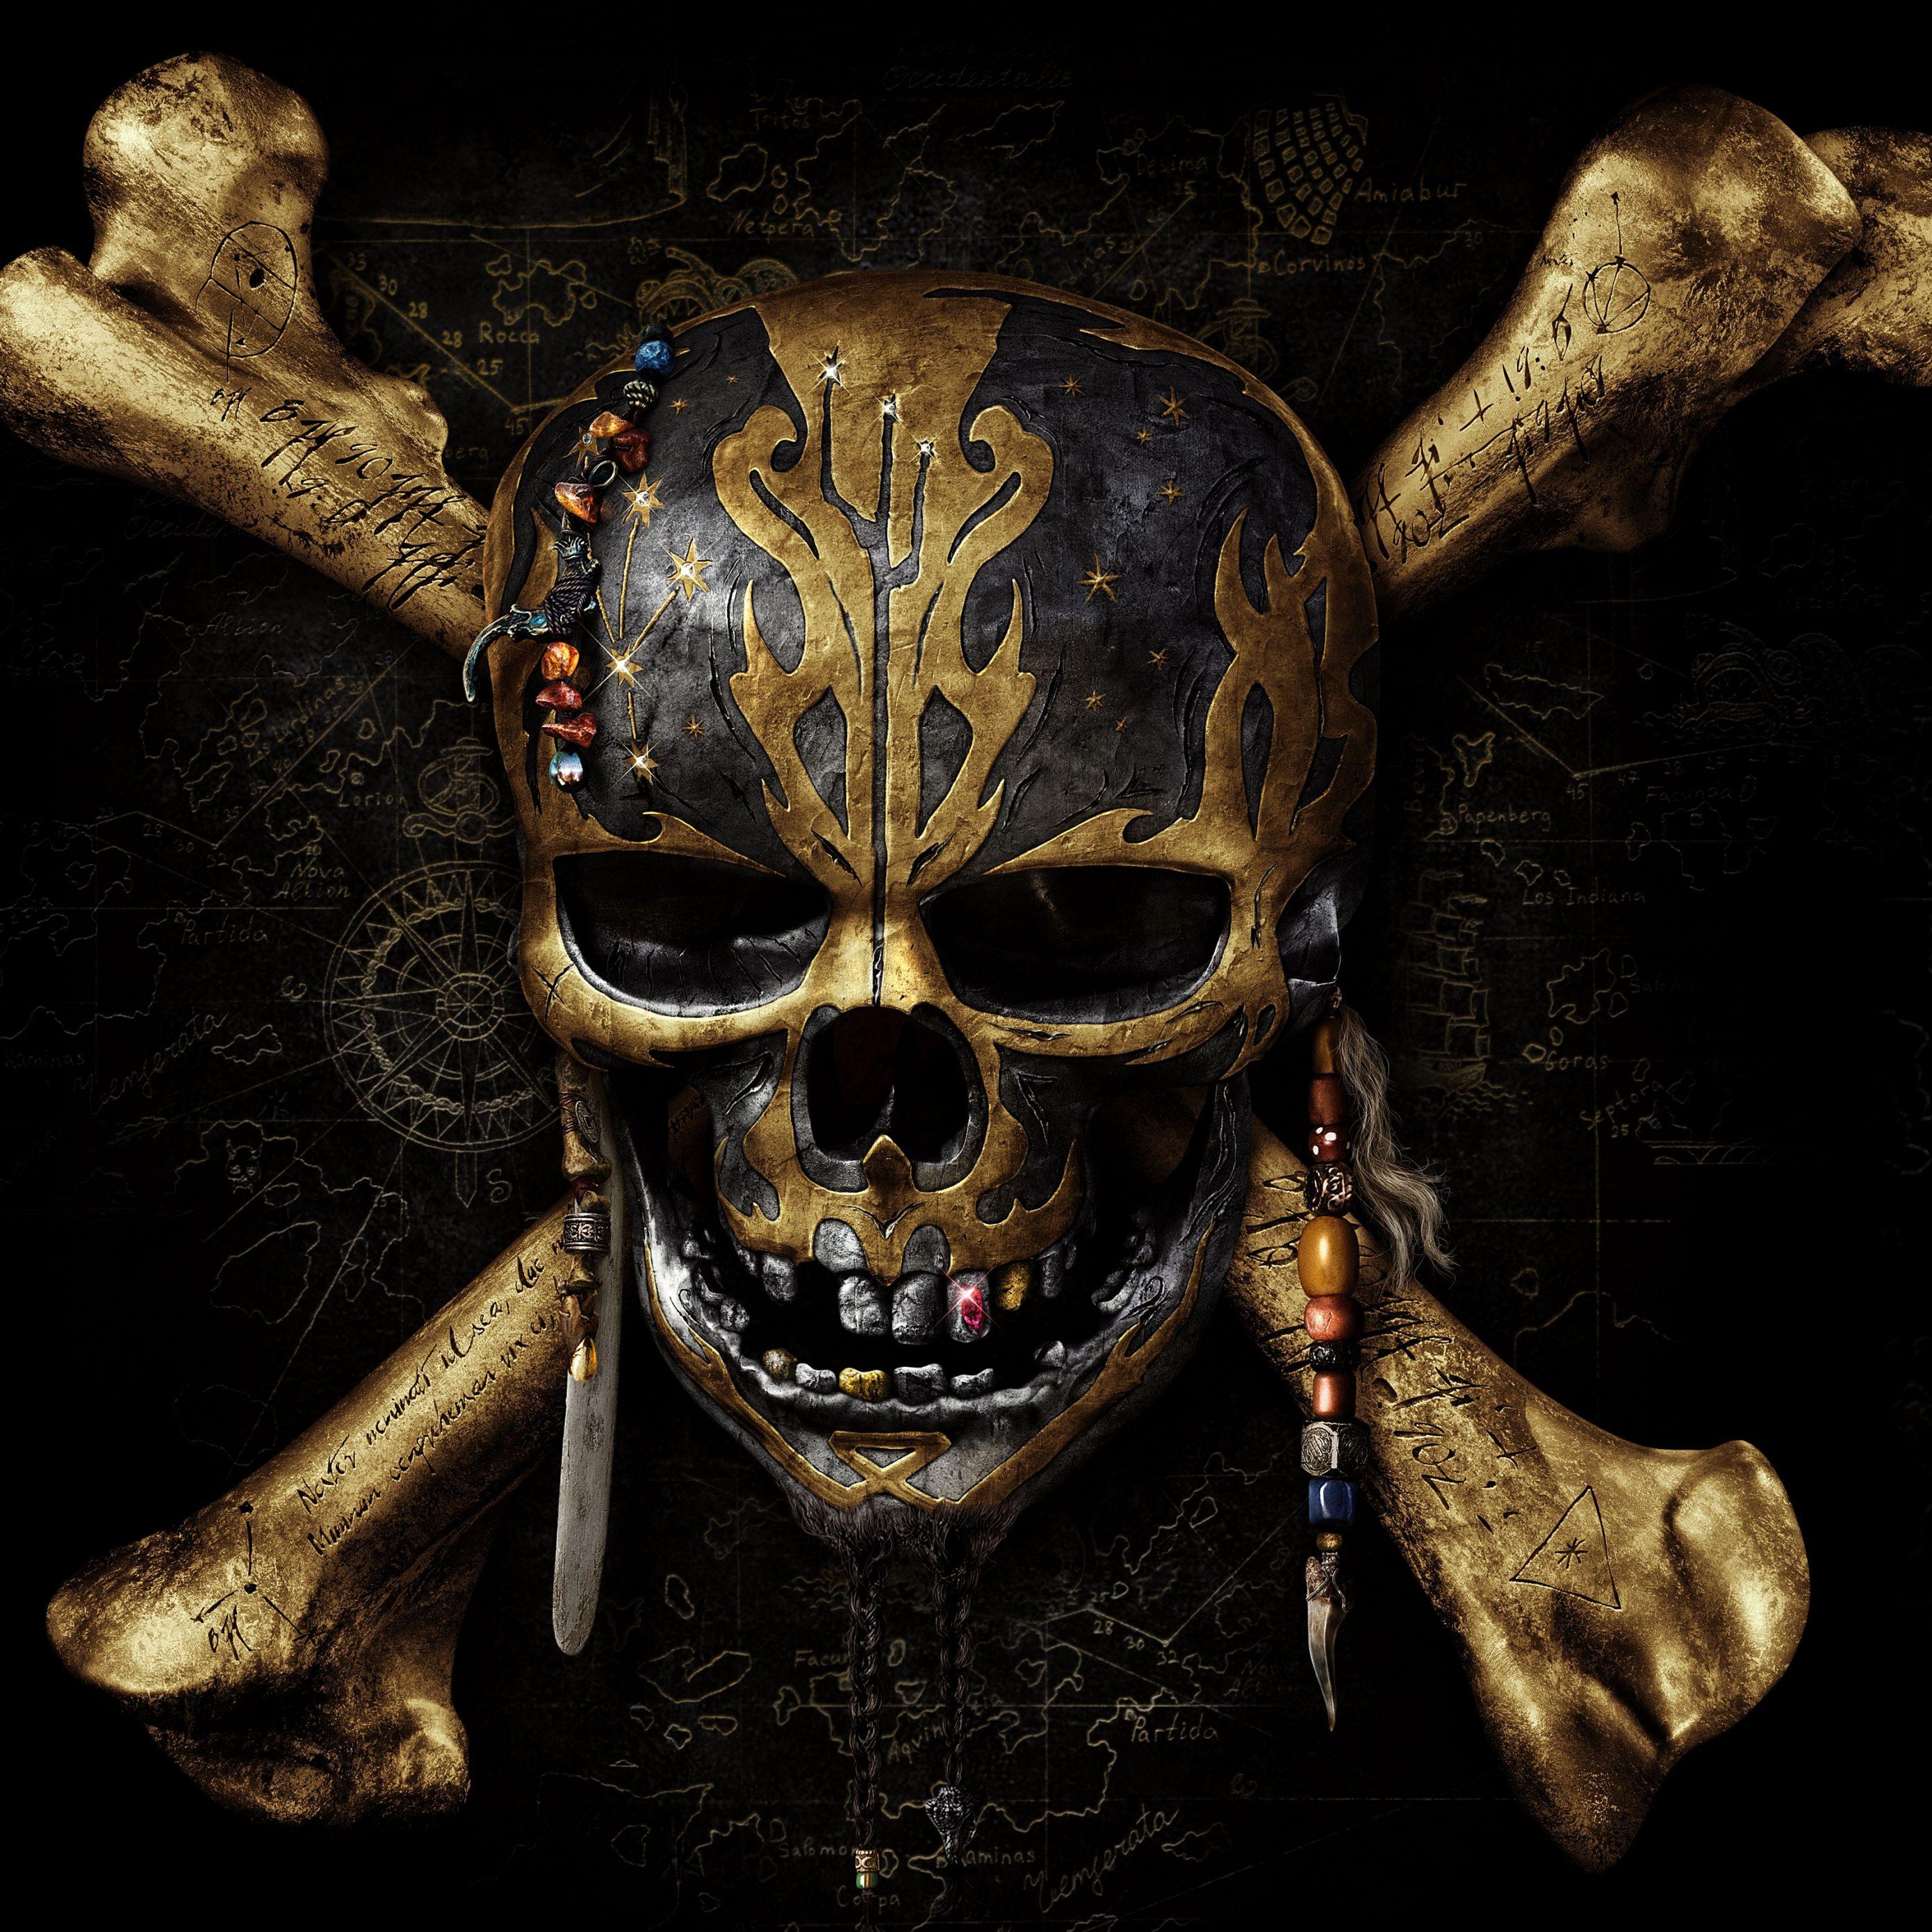 пираты карибского моря флаг фото материале, приведенном ниже